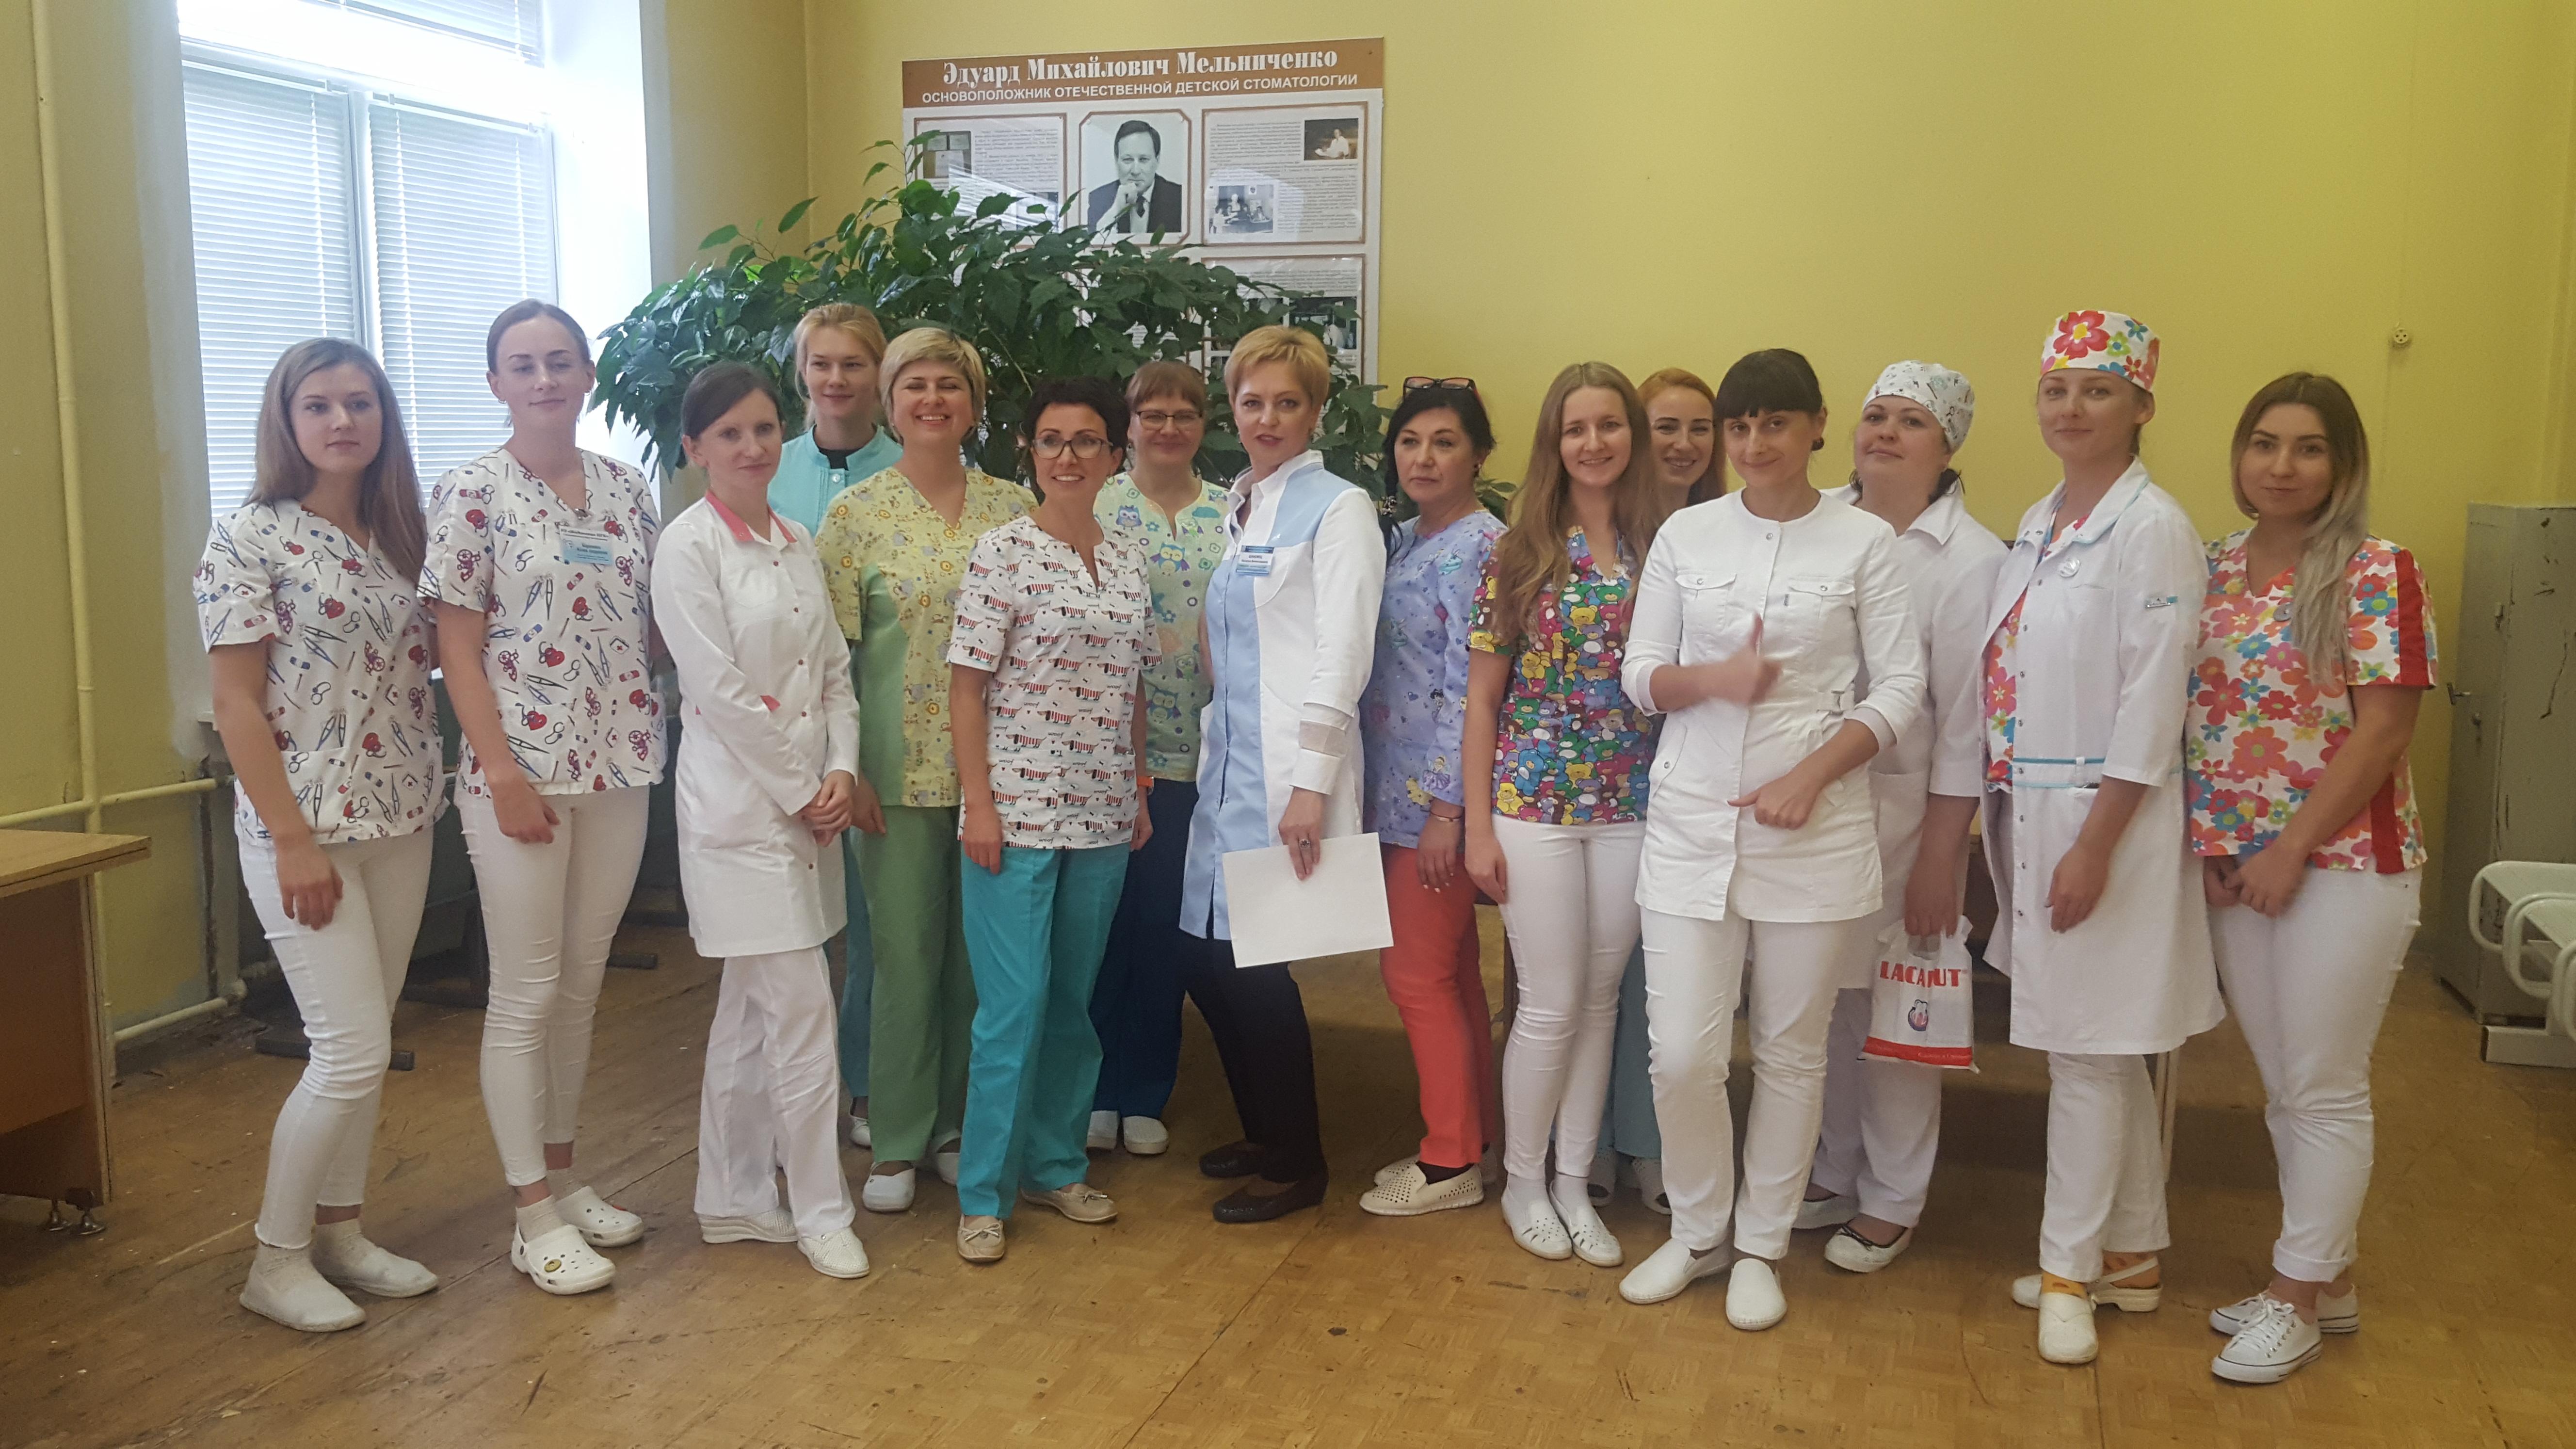 Конкурс стоматологов в Белоруссии